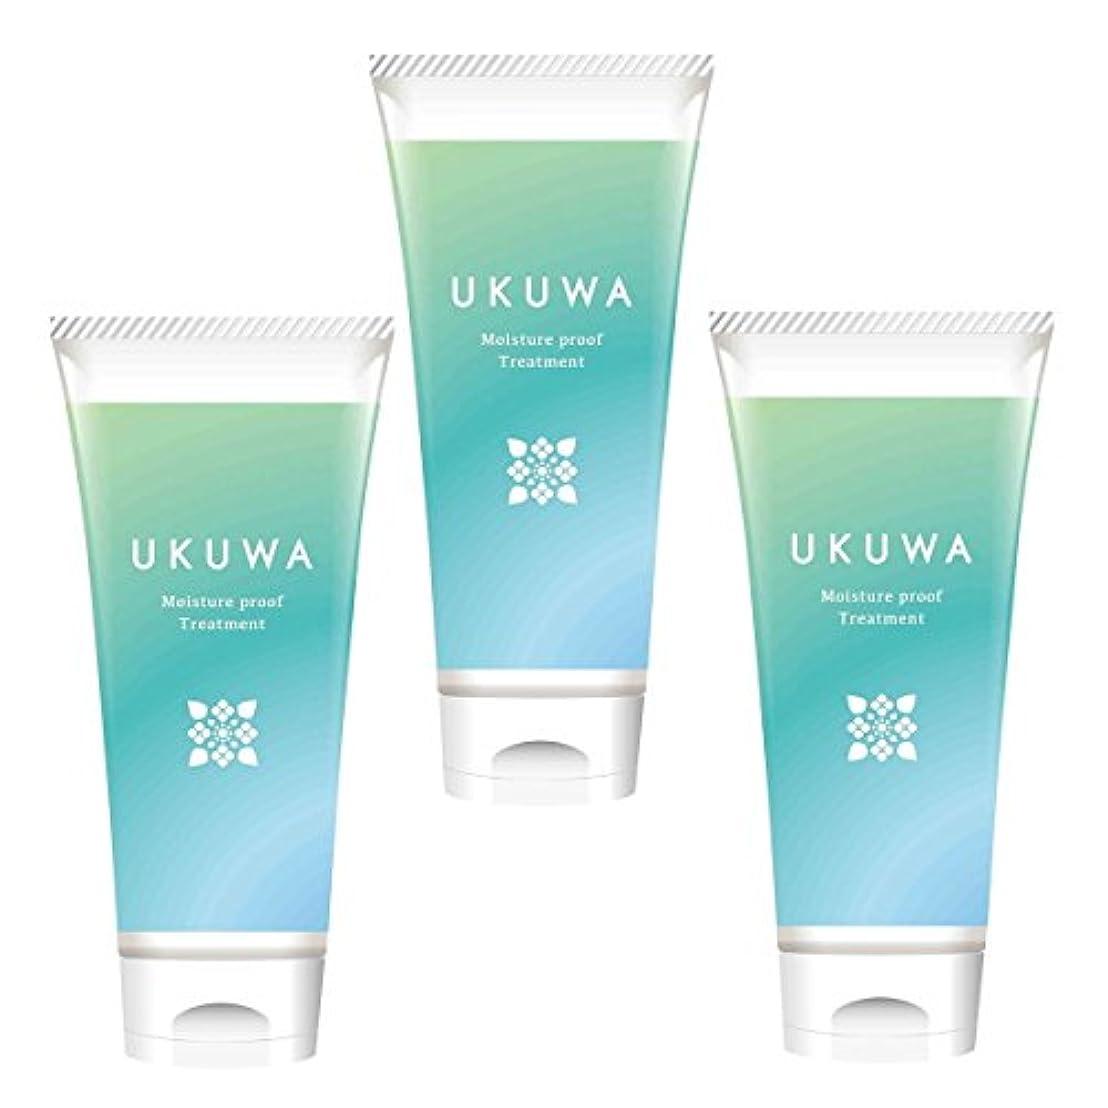 間欠男自信があるディアテック UKUWA(ウクワ)(雨花)モイスチャー プルーフ トリートメント 100g×3本セット